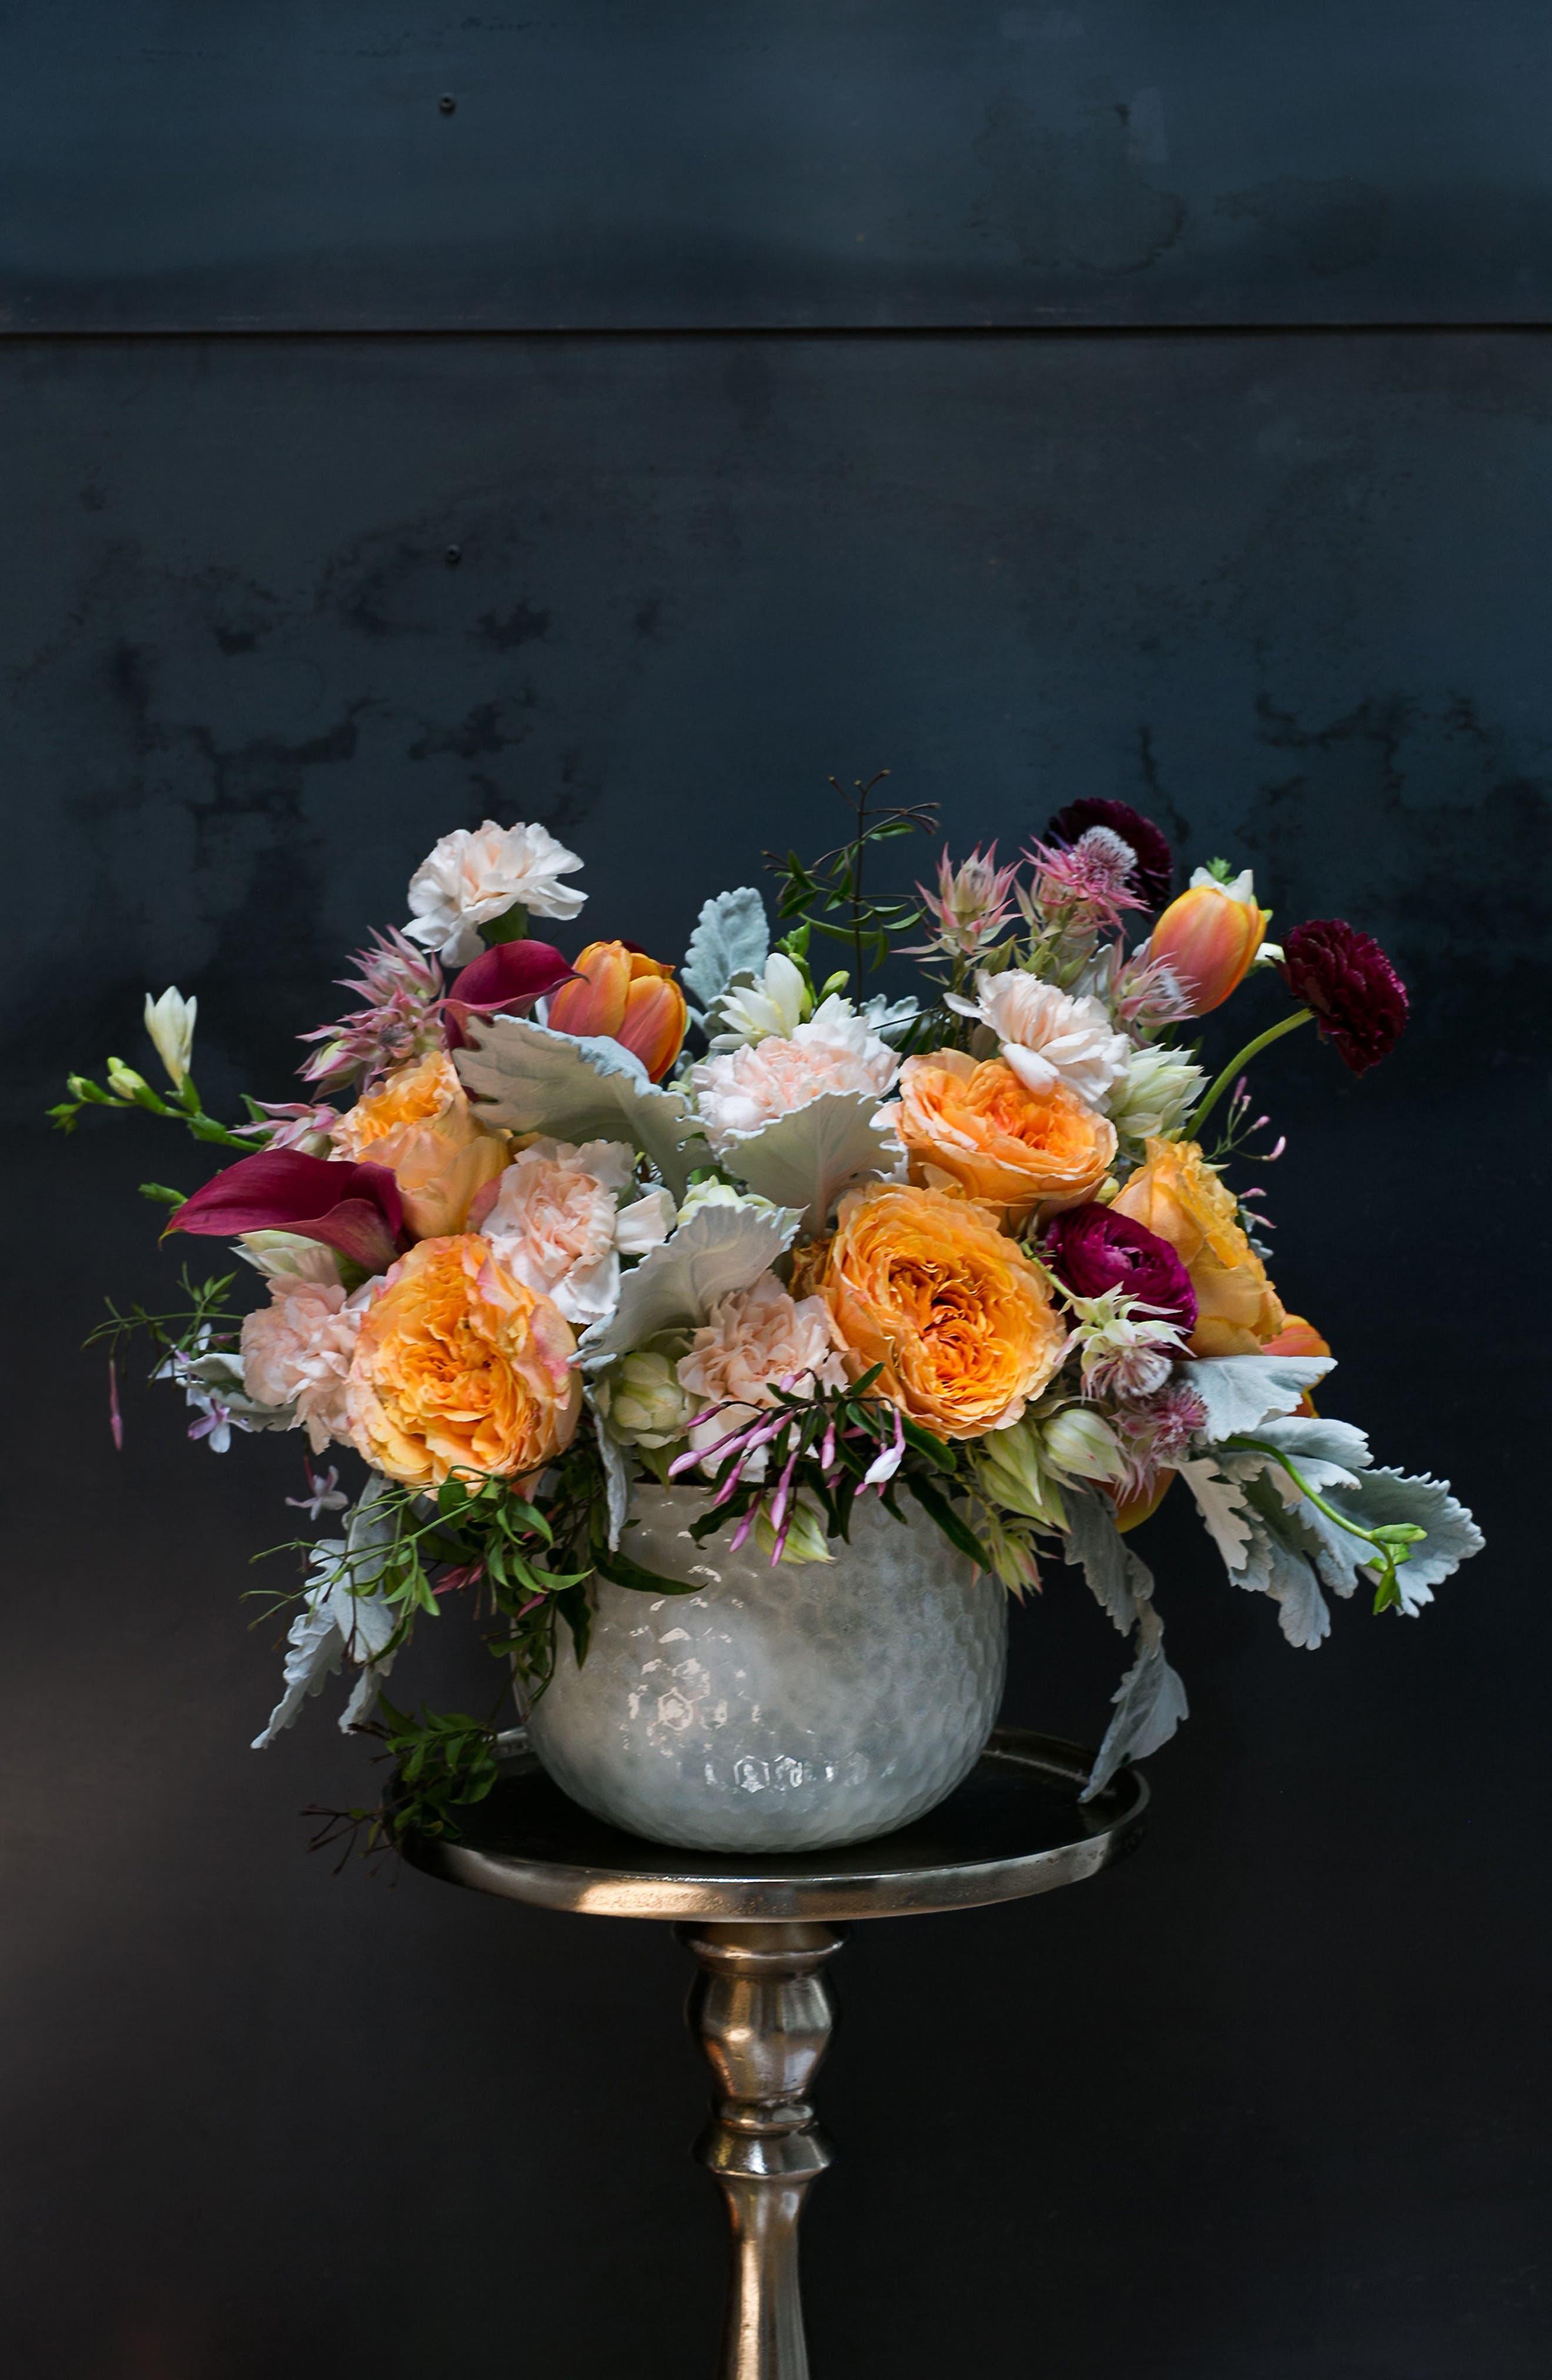 Radiant Mercury Glass Vase,                             Alternate thumbnail 2, color,                             White